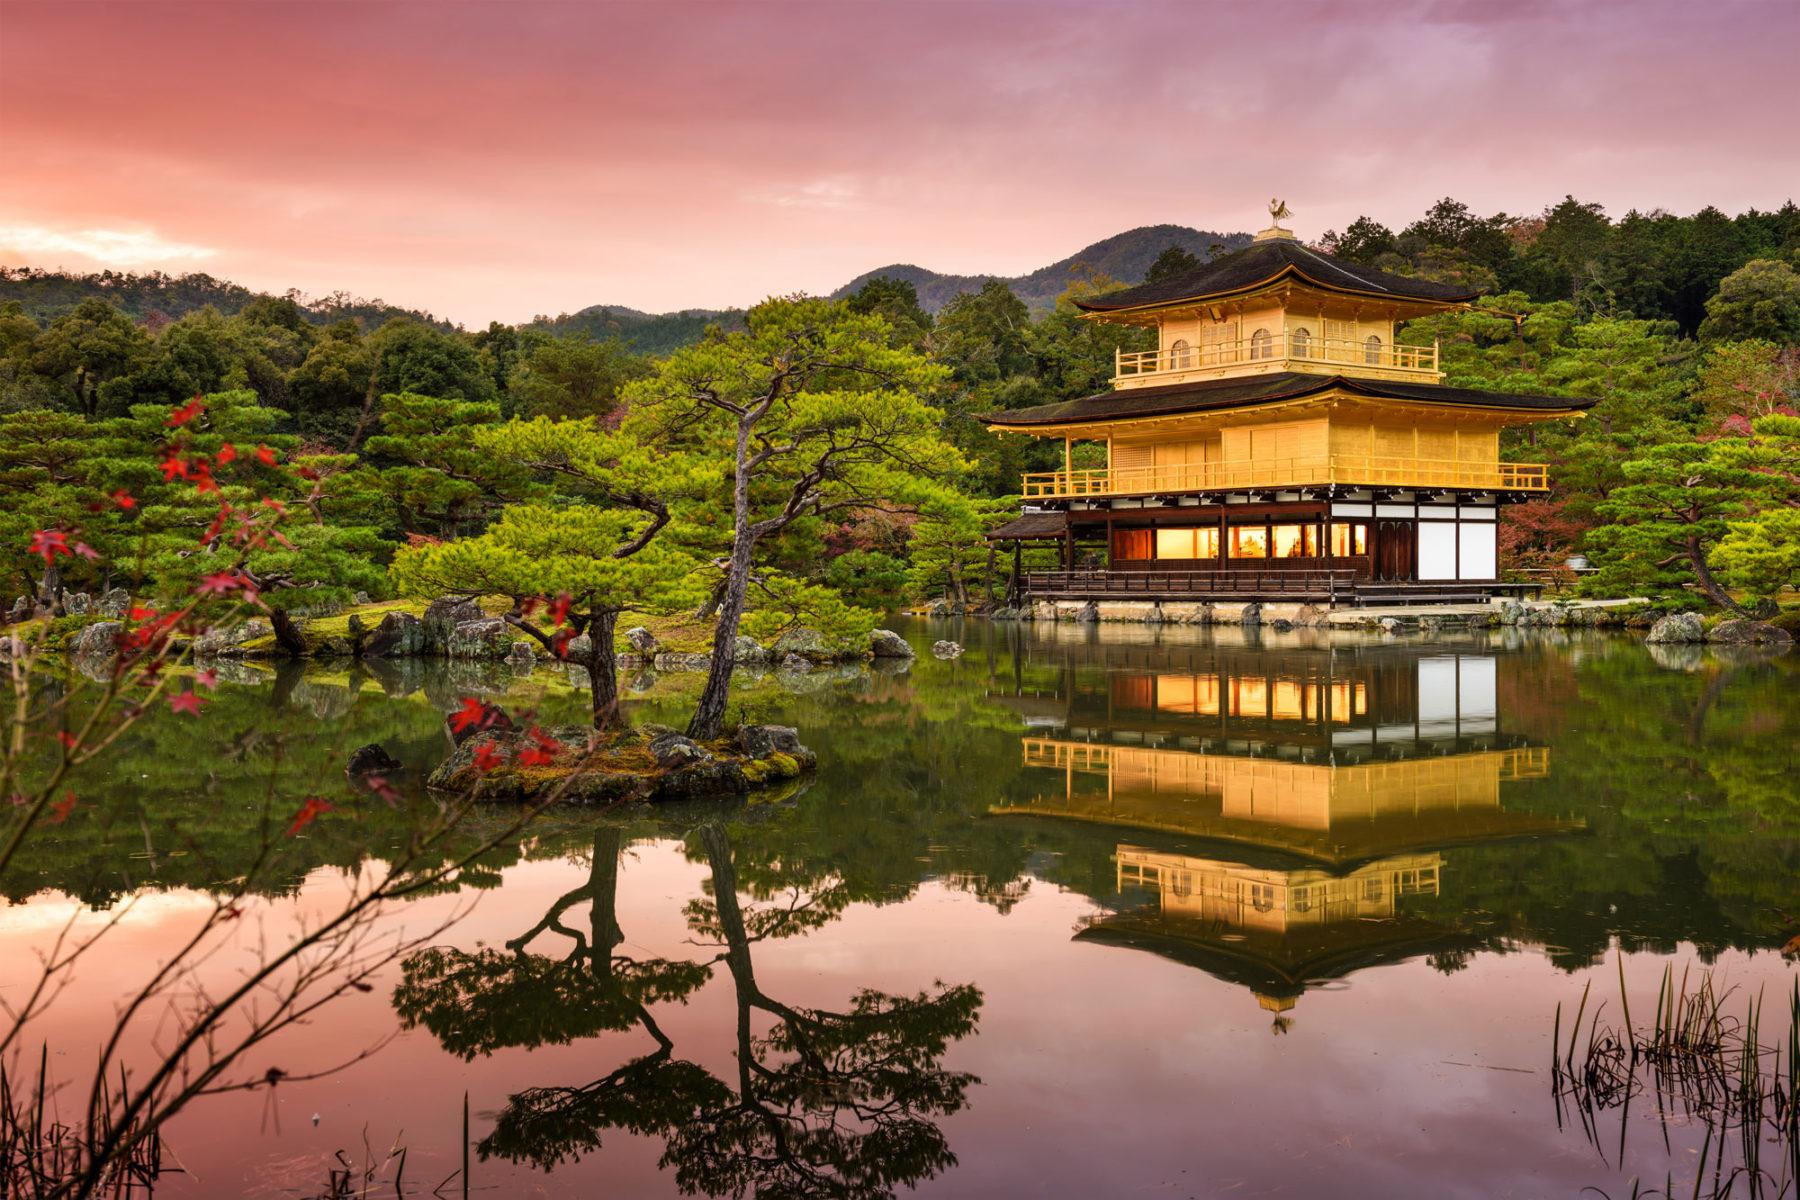 japan e1517522872730 - Magnificent Japan